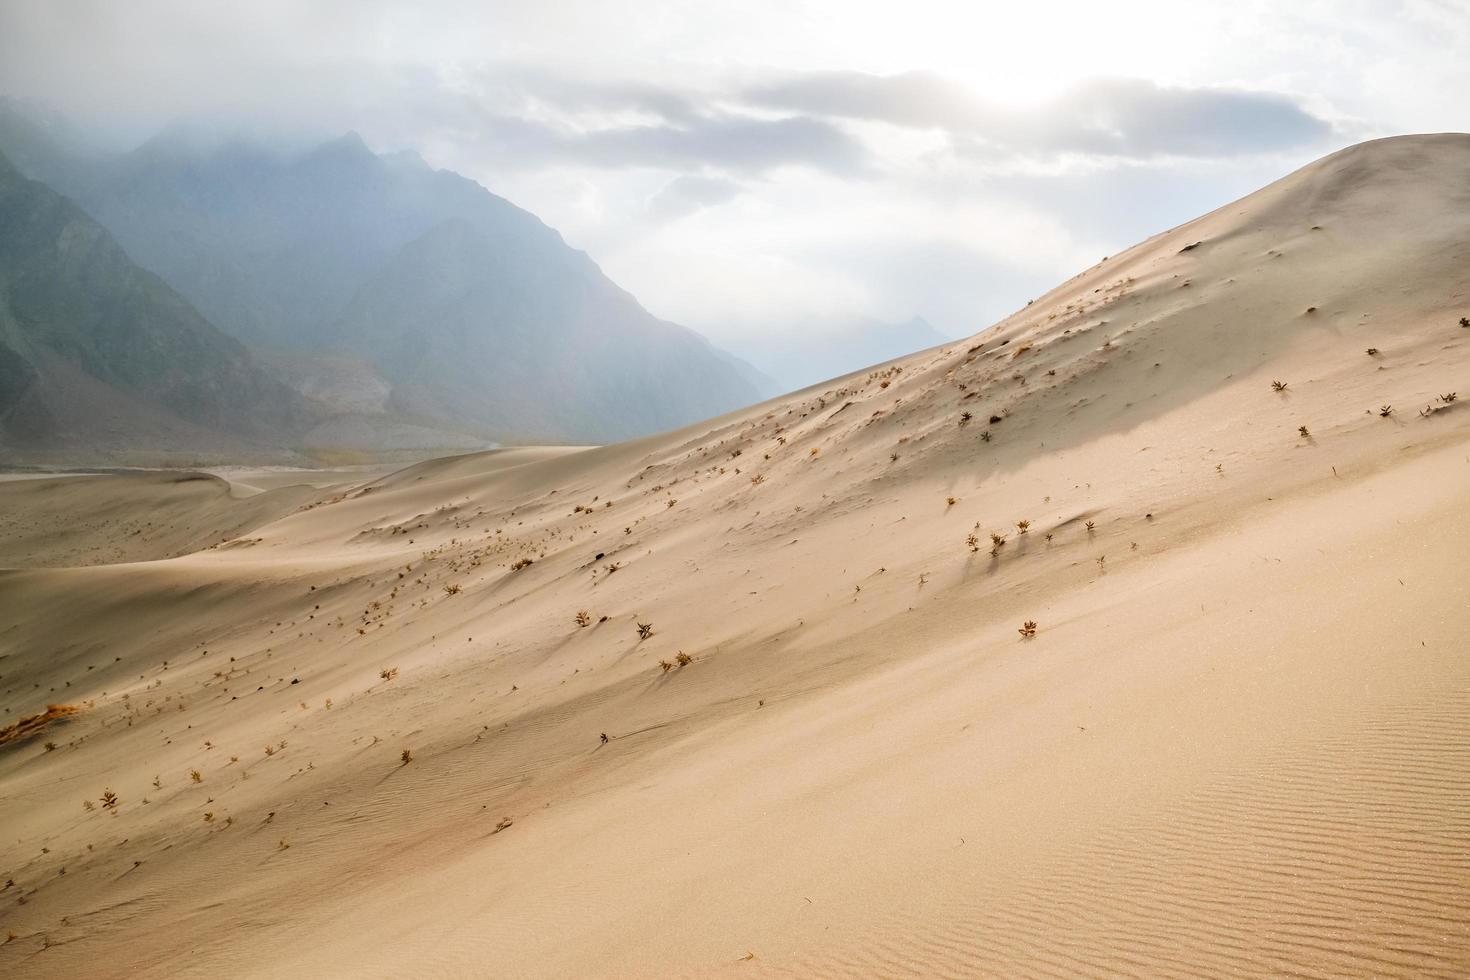 dunes de sable du désert froid au milieu des montagnes photo